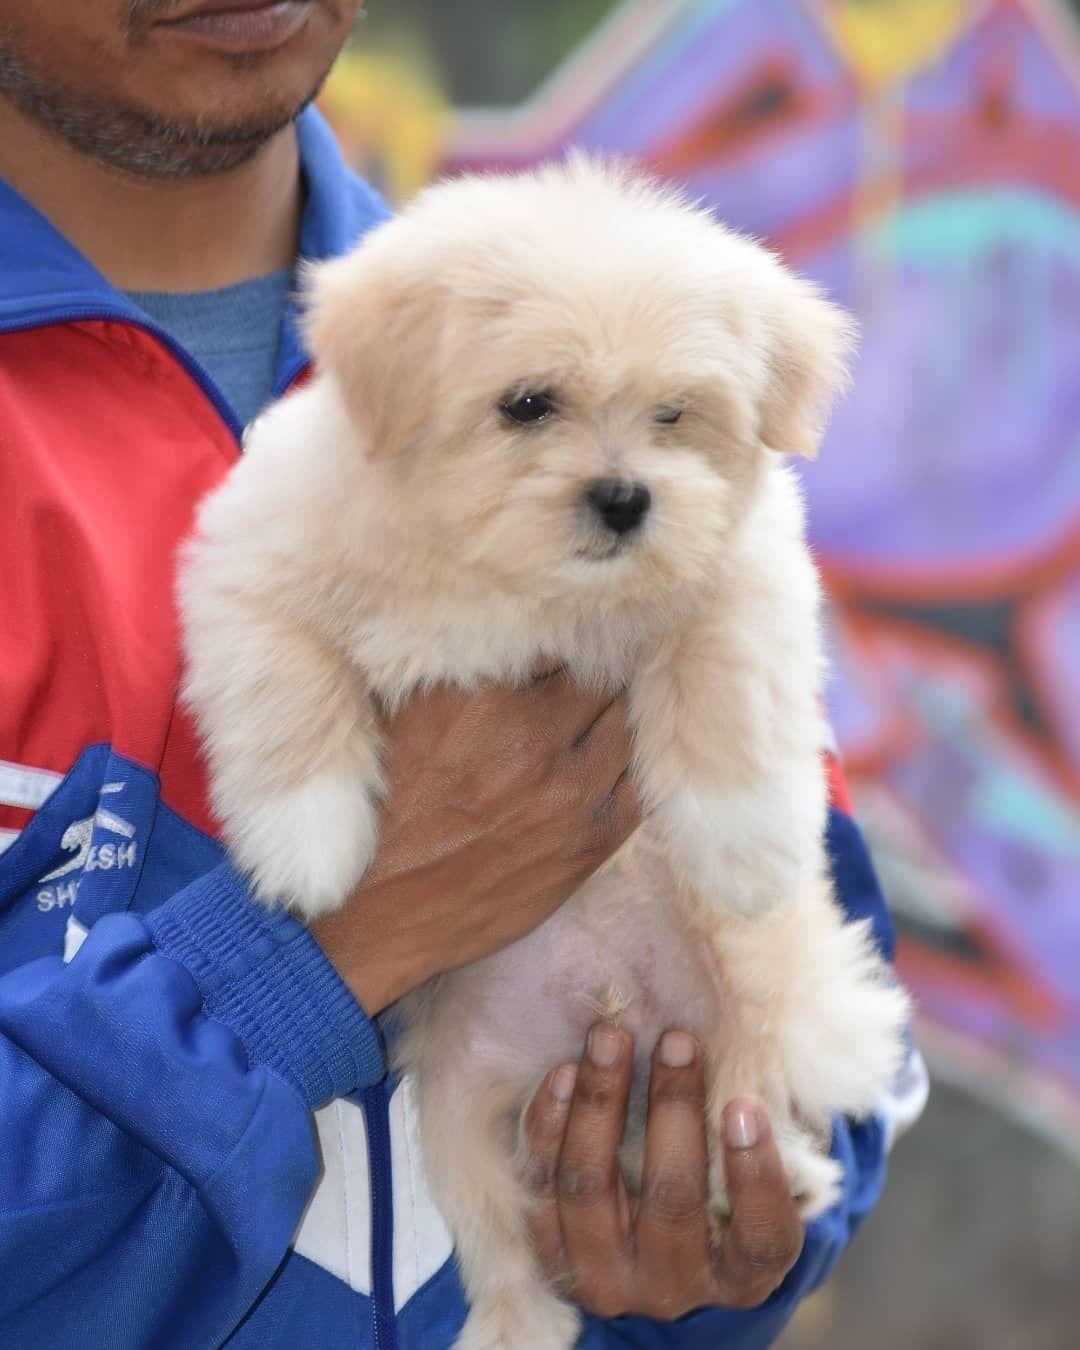 Lhasa Apso Puppy Delhi In 2020 Lhasa Apso Puppies Lhasa Apso Puppies